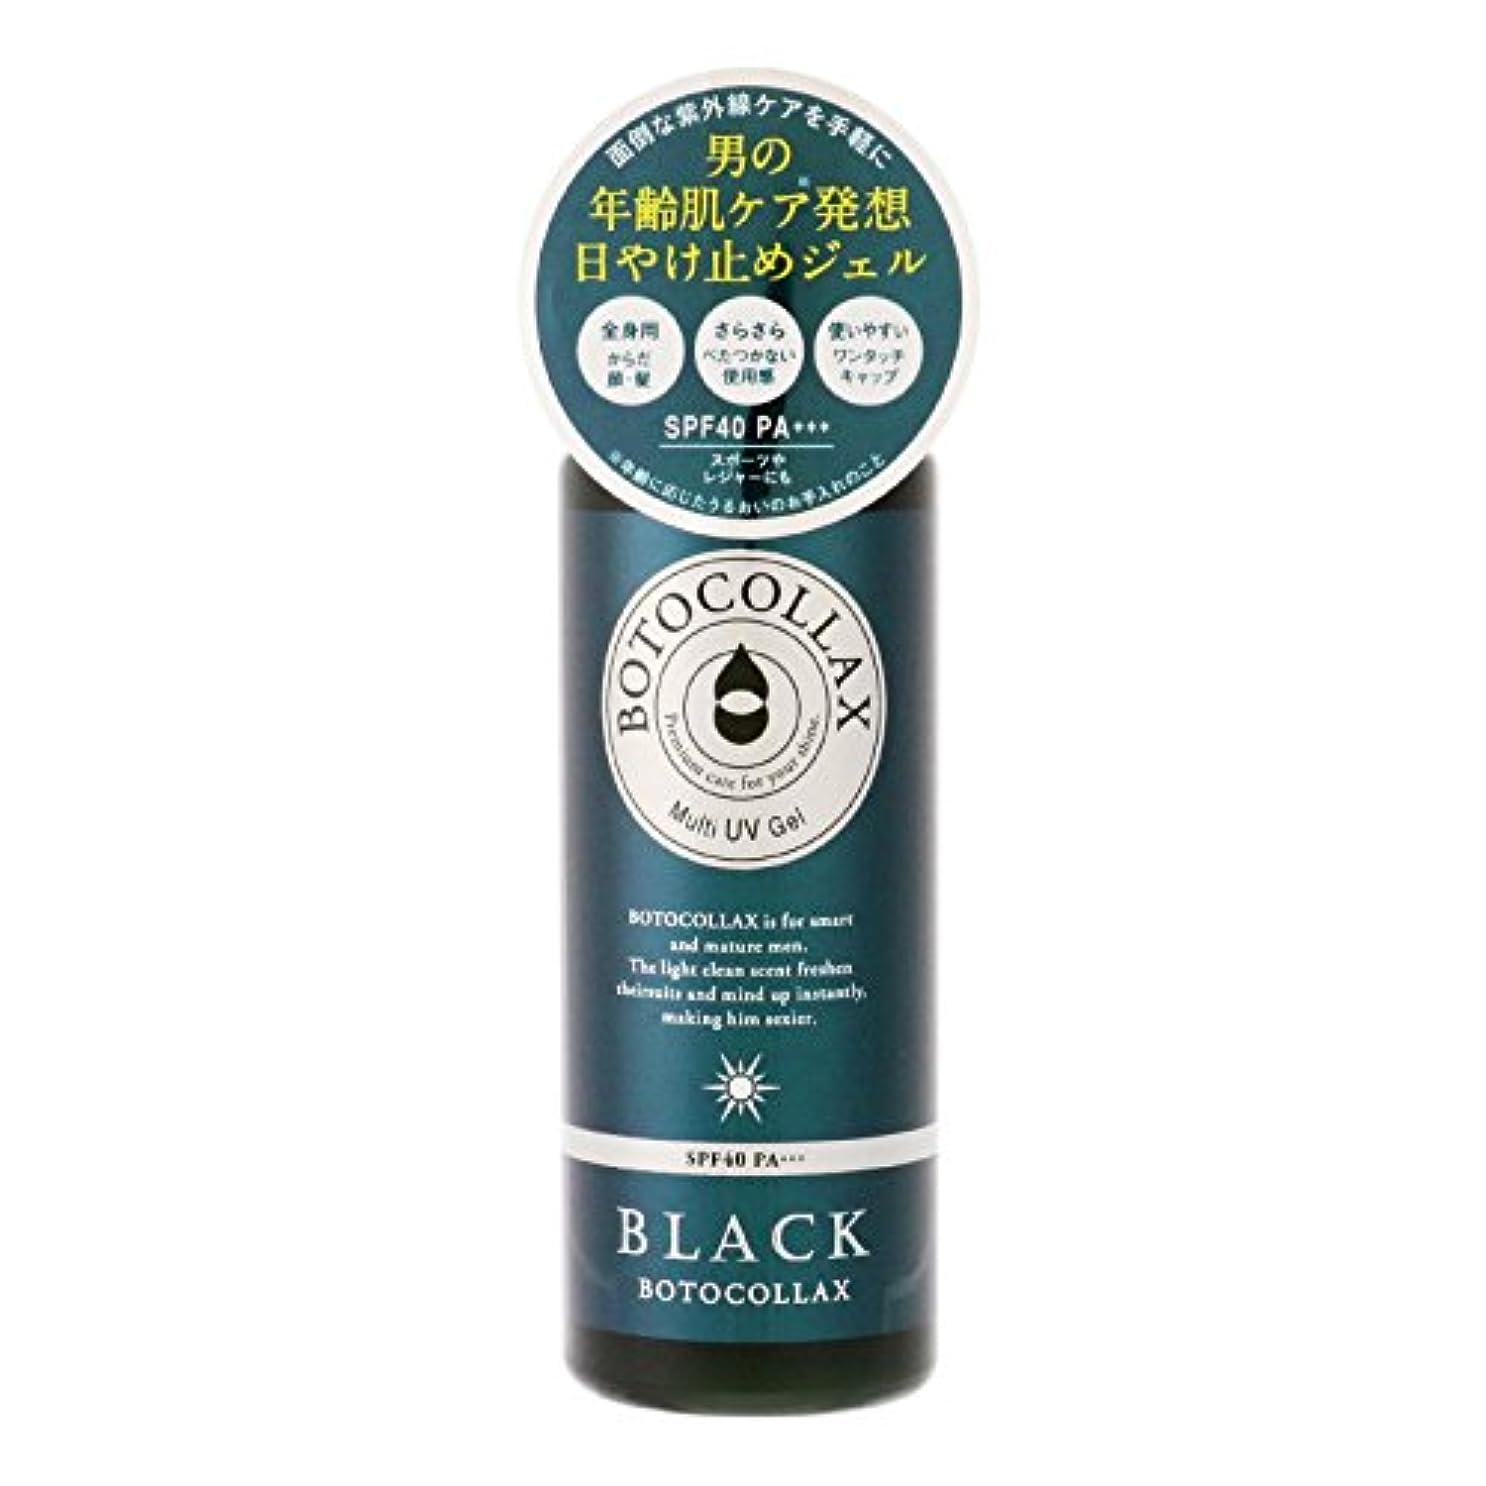 ボトコラックスブラック オーシャン マルチUVジェル ベルガモットグリーンの香り 70g